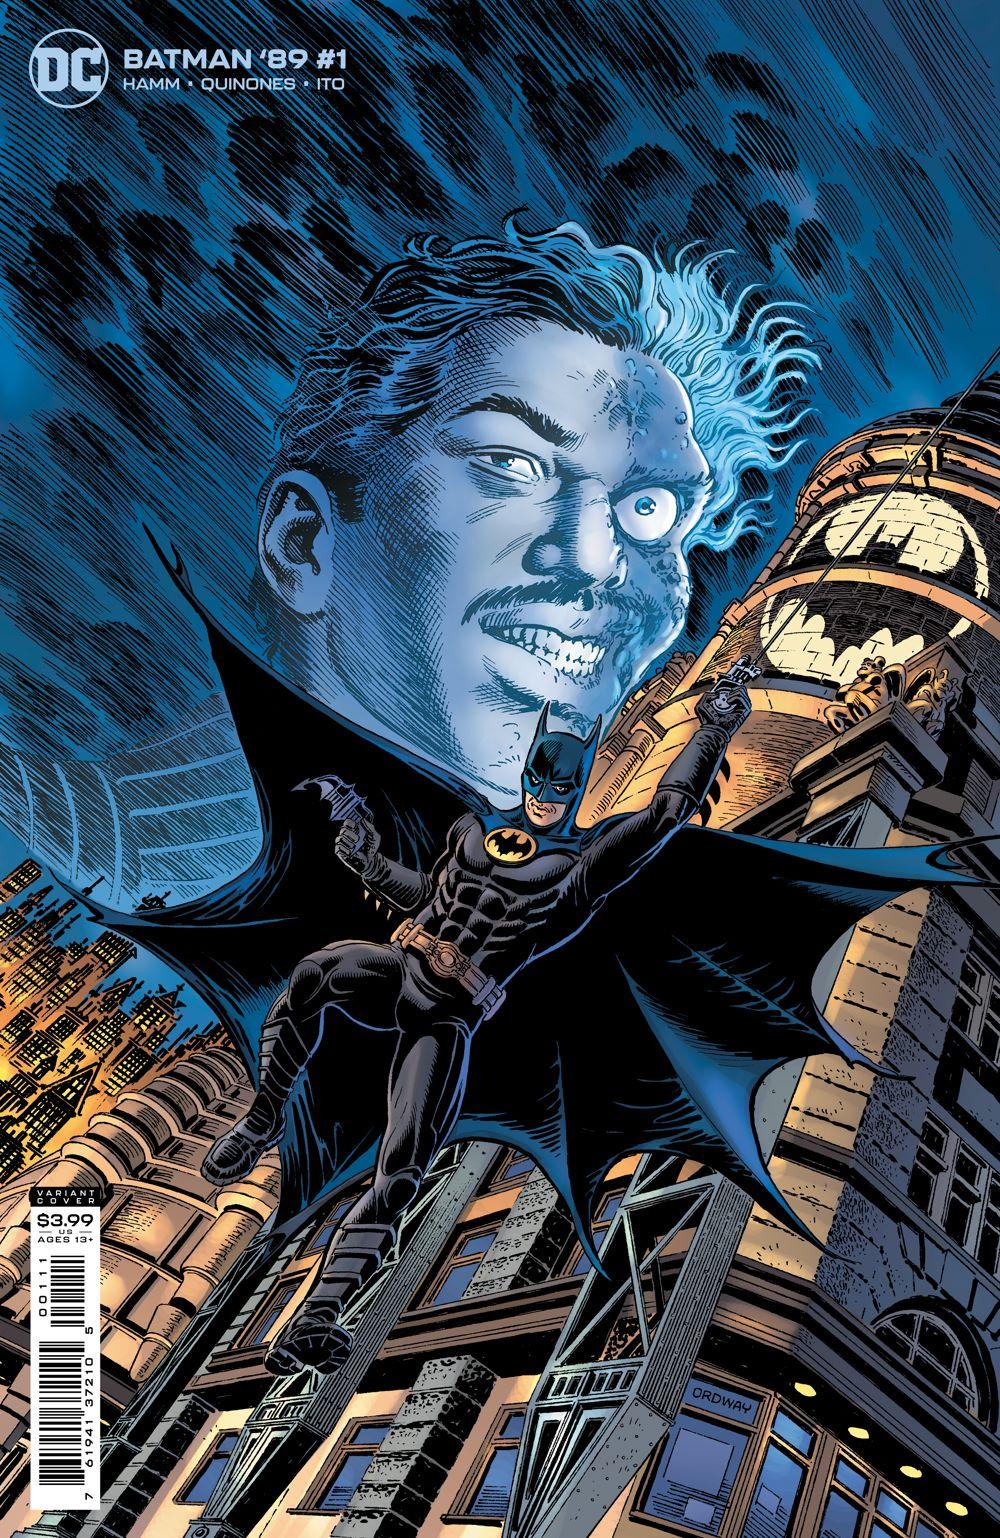 BM89_Cv1_var_00121 DC Comics August 2021 Solicitations